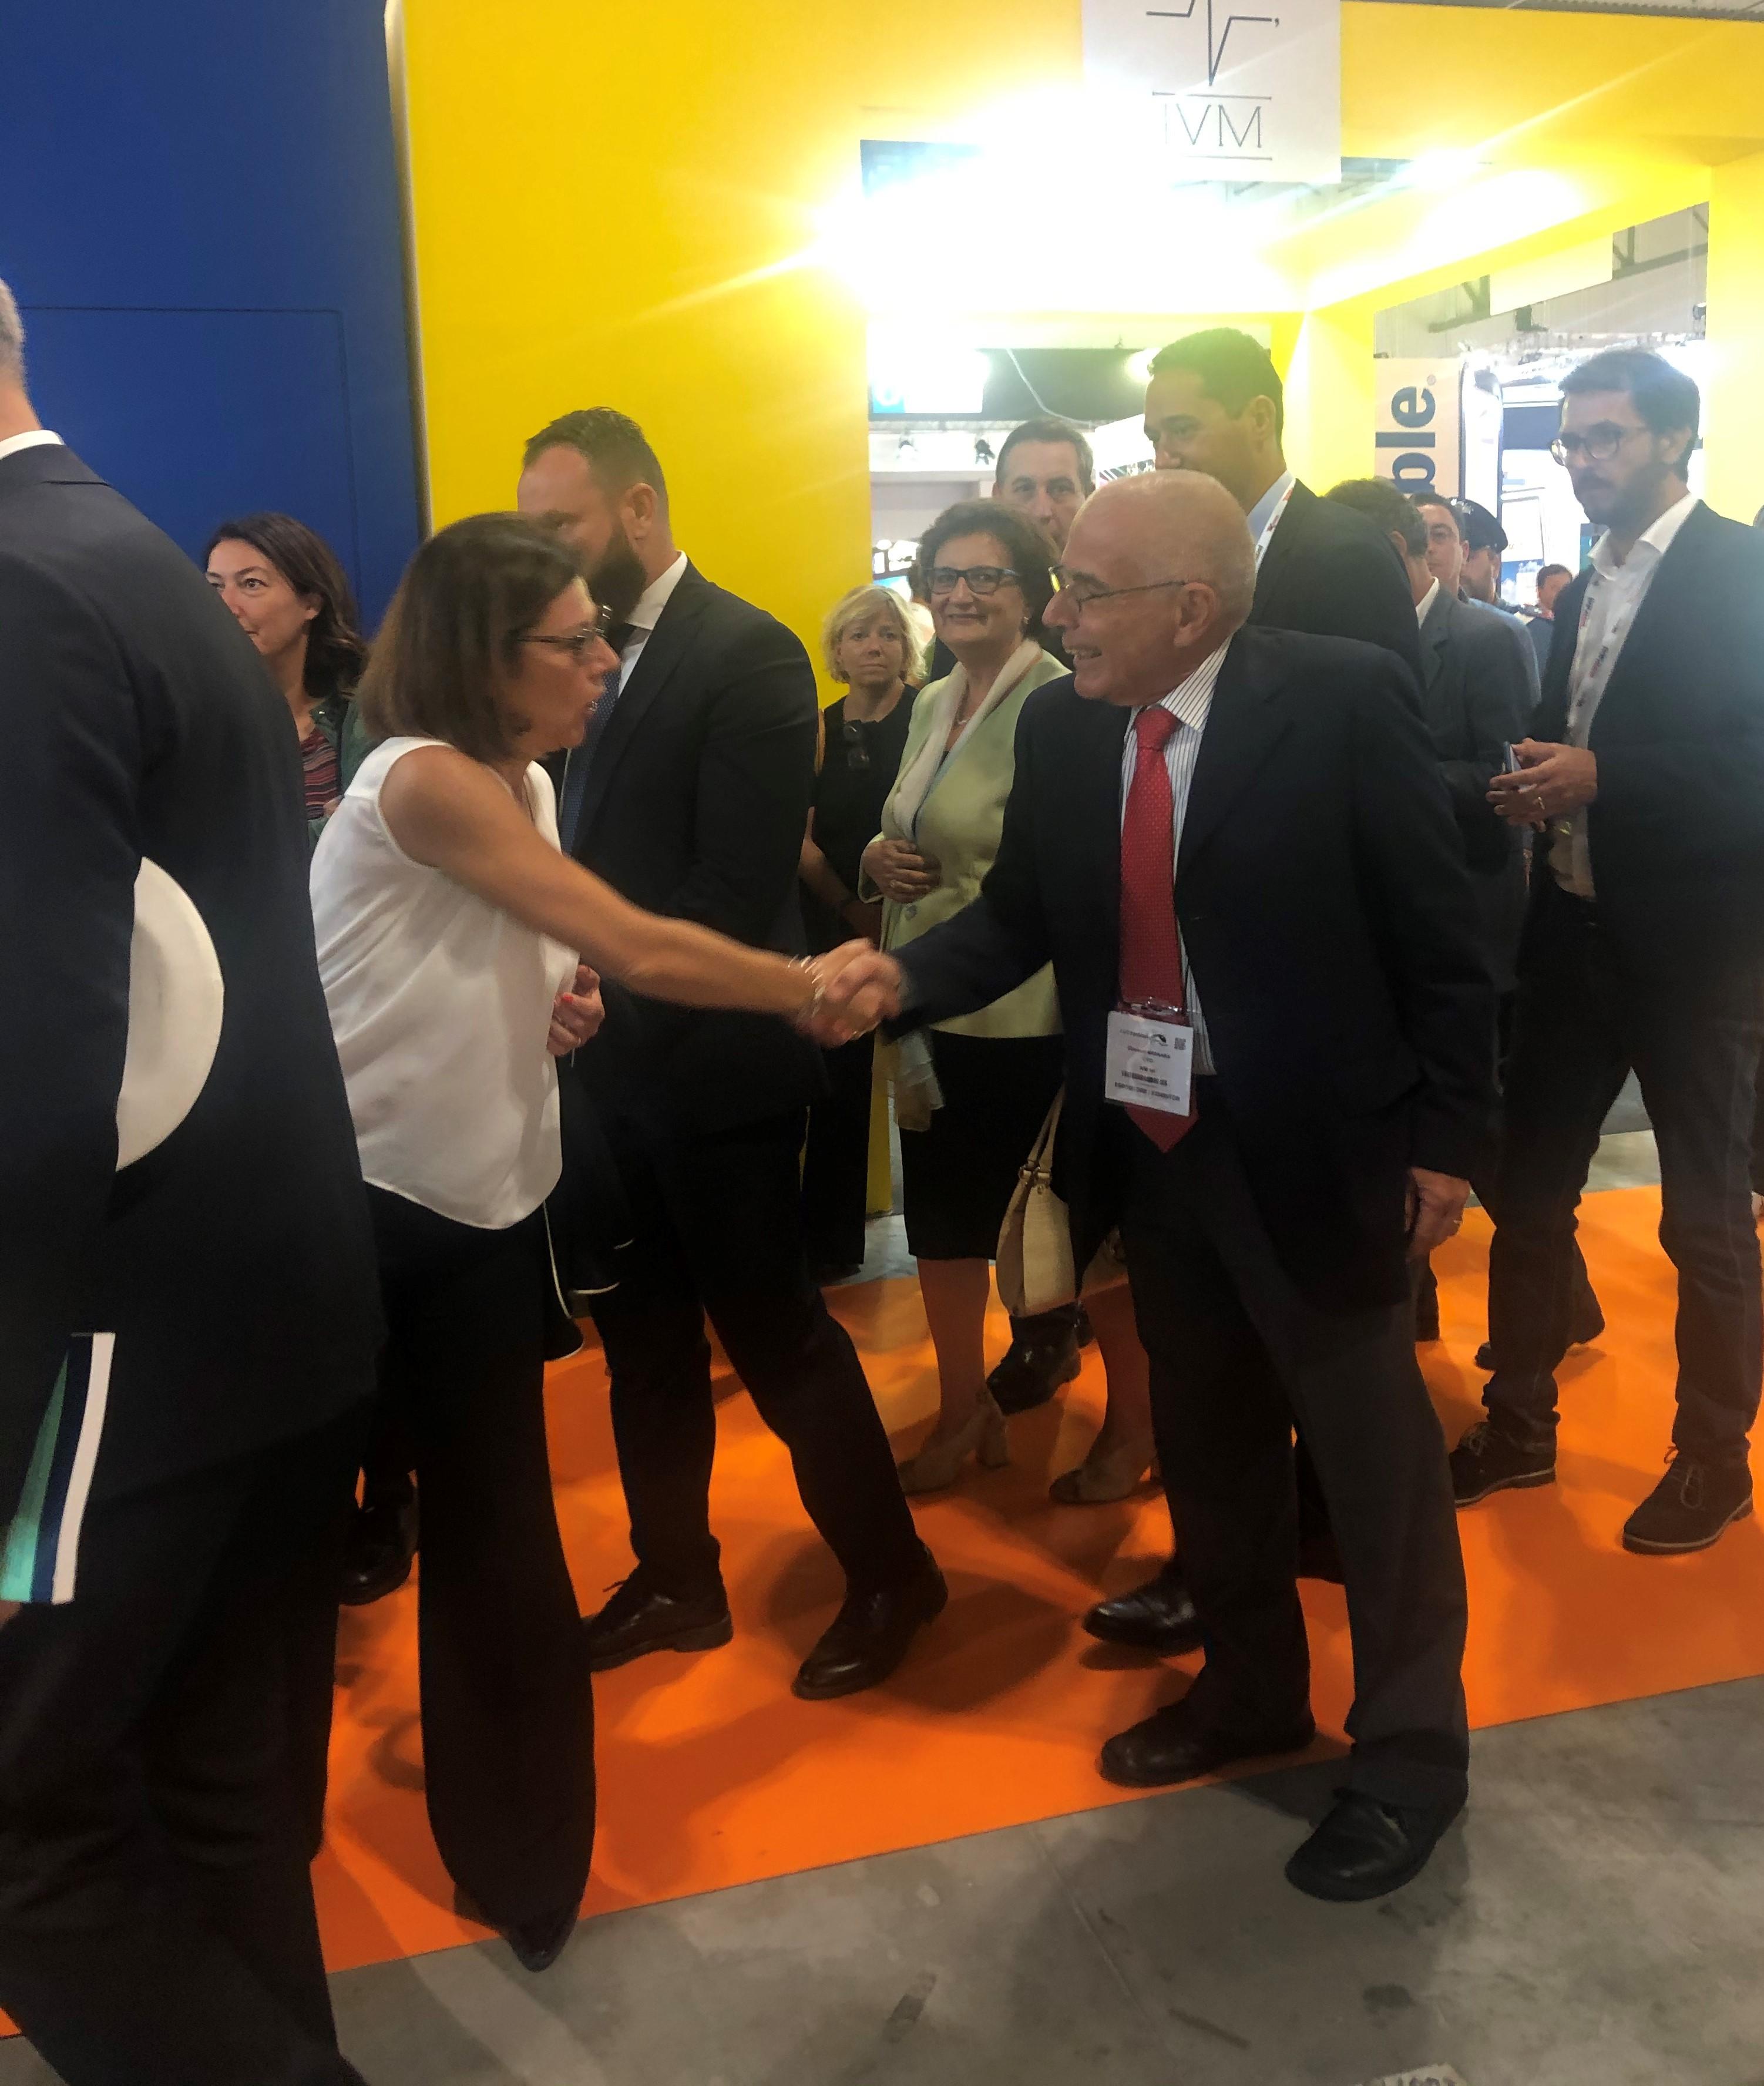 De Micheli meets Mr. Mannara - Expo 2019